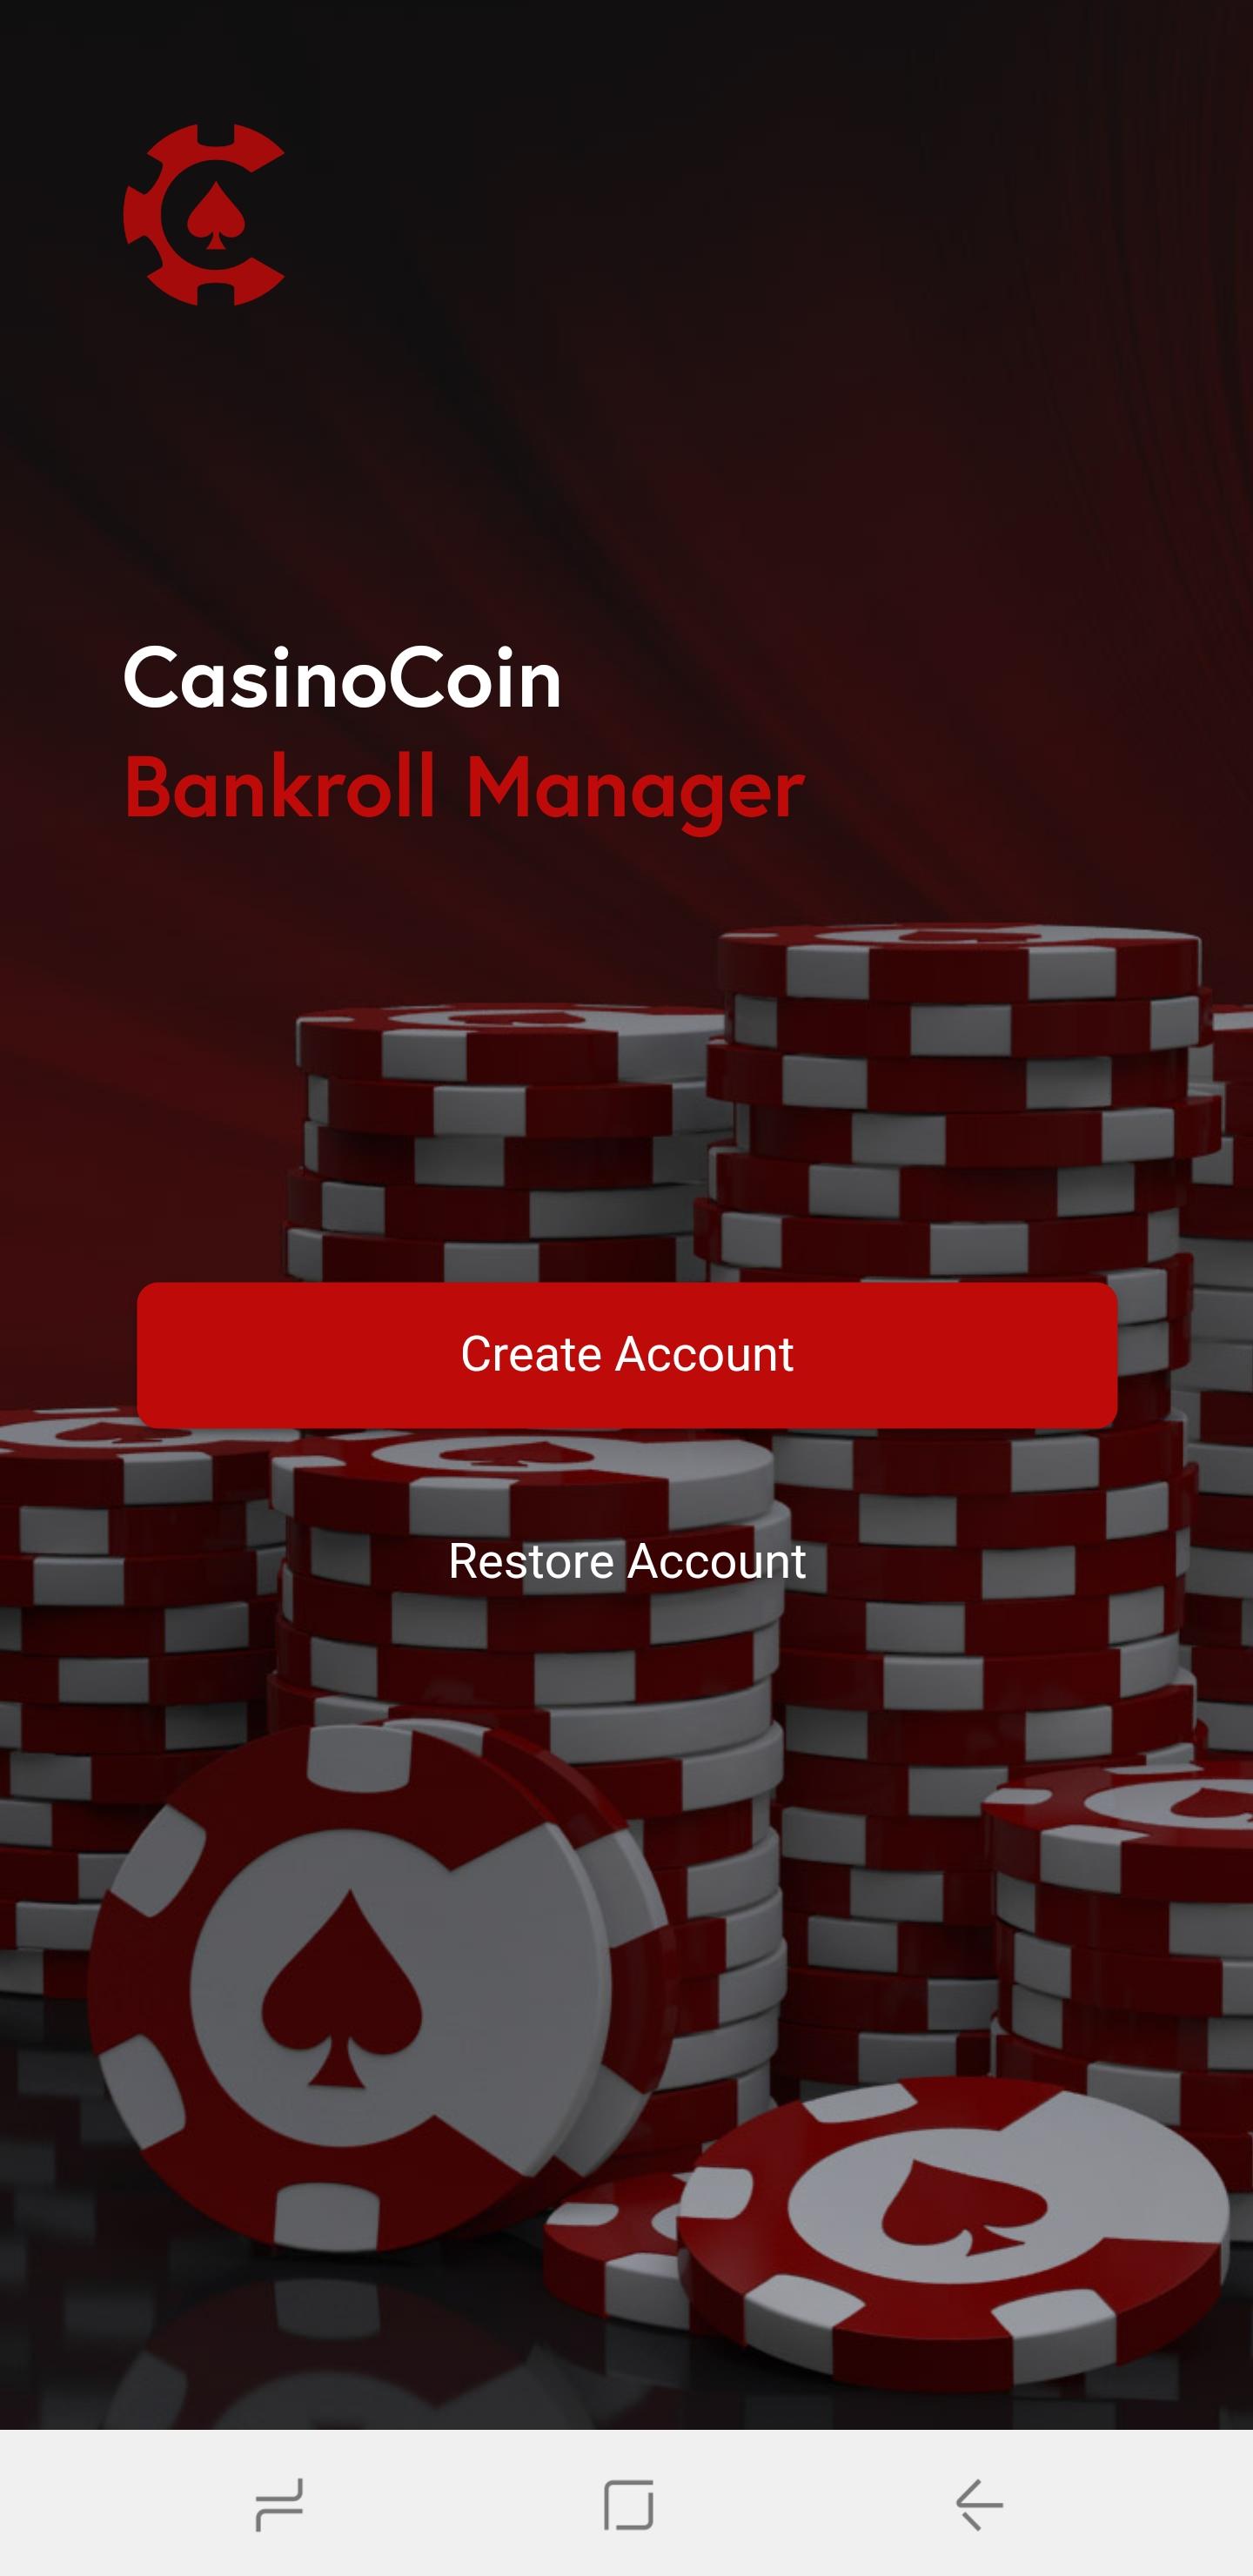 Screenshot_20190212-175750_CasinoCoin_BR